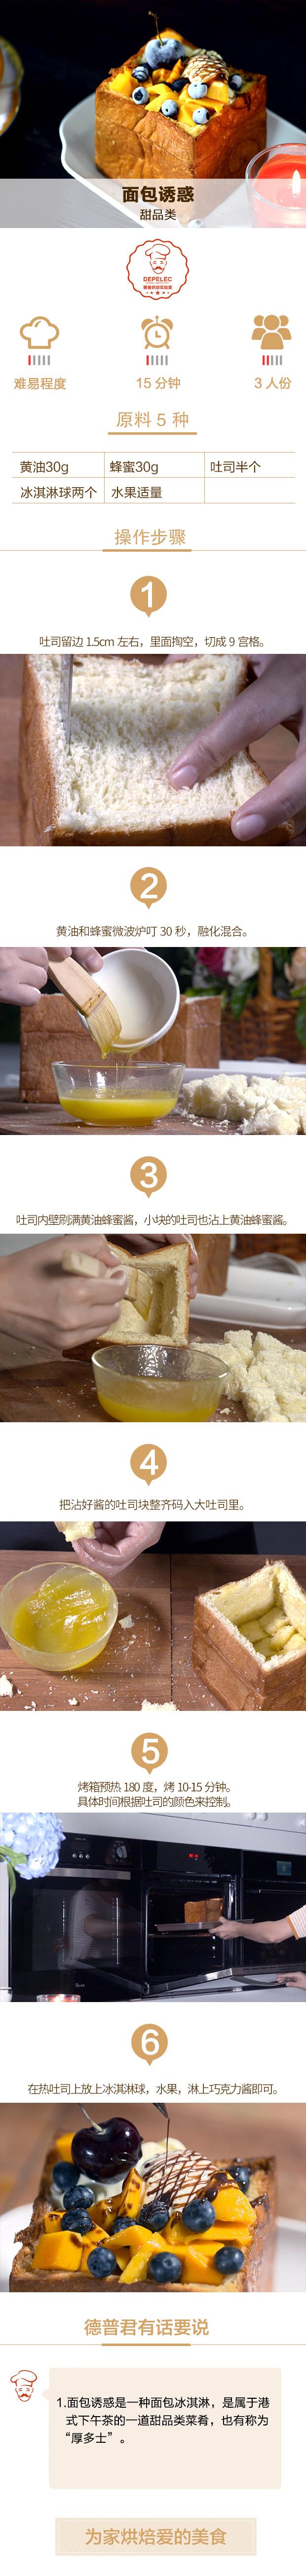 用料:黄油30g、蜂蜜30g、吐司半个、冰淇淋球两个、水果适量 做法: 1.吐司留边1.5cm左右,里面掏空,切成9宫格 2.黄油和蜂蜜微波炉叮30秒,融化混合。 3.吐司内壁刷满黄油蜂蜜酱,小块的吐司也沾上黄油蜂蜜酱 4.把沾好酱的吐司块整齐码入大吐司里 5. 烤箱预热180度,烤10-15分钟。具体时间根据吐司的颜色来控制。 6.在热吐司上放上冰淇淋球,水果,淋上巧克力酱即可。